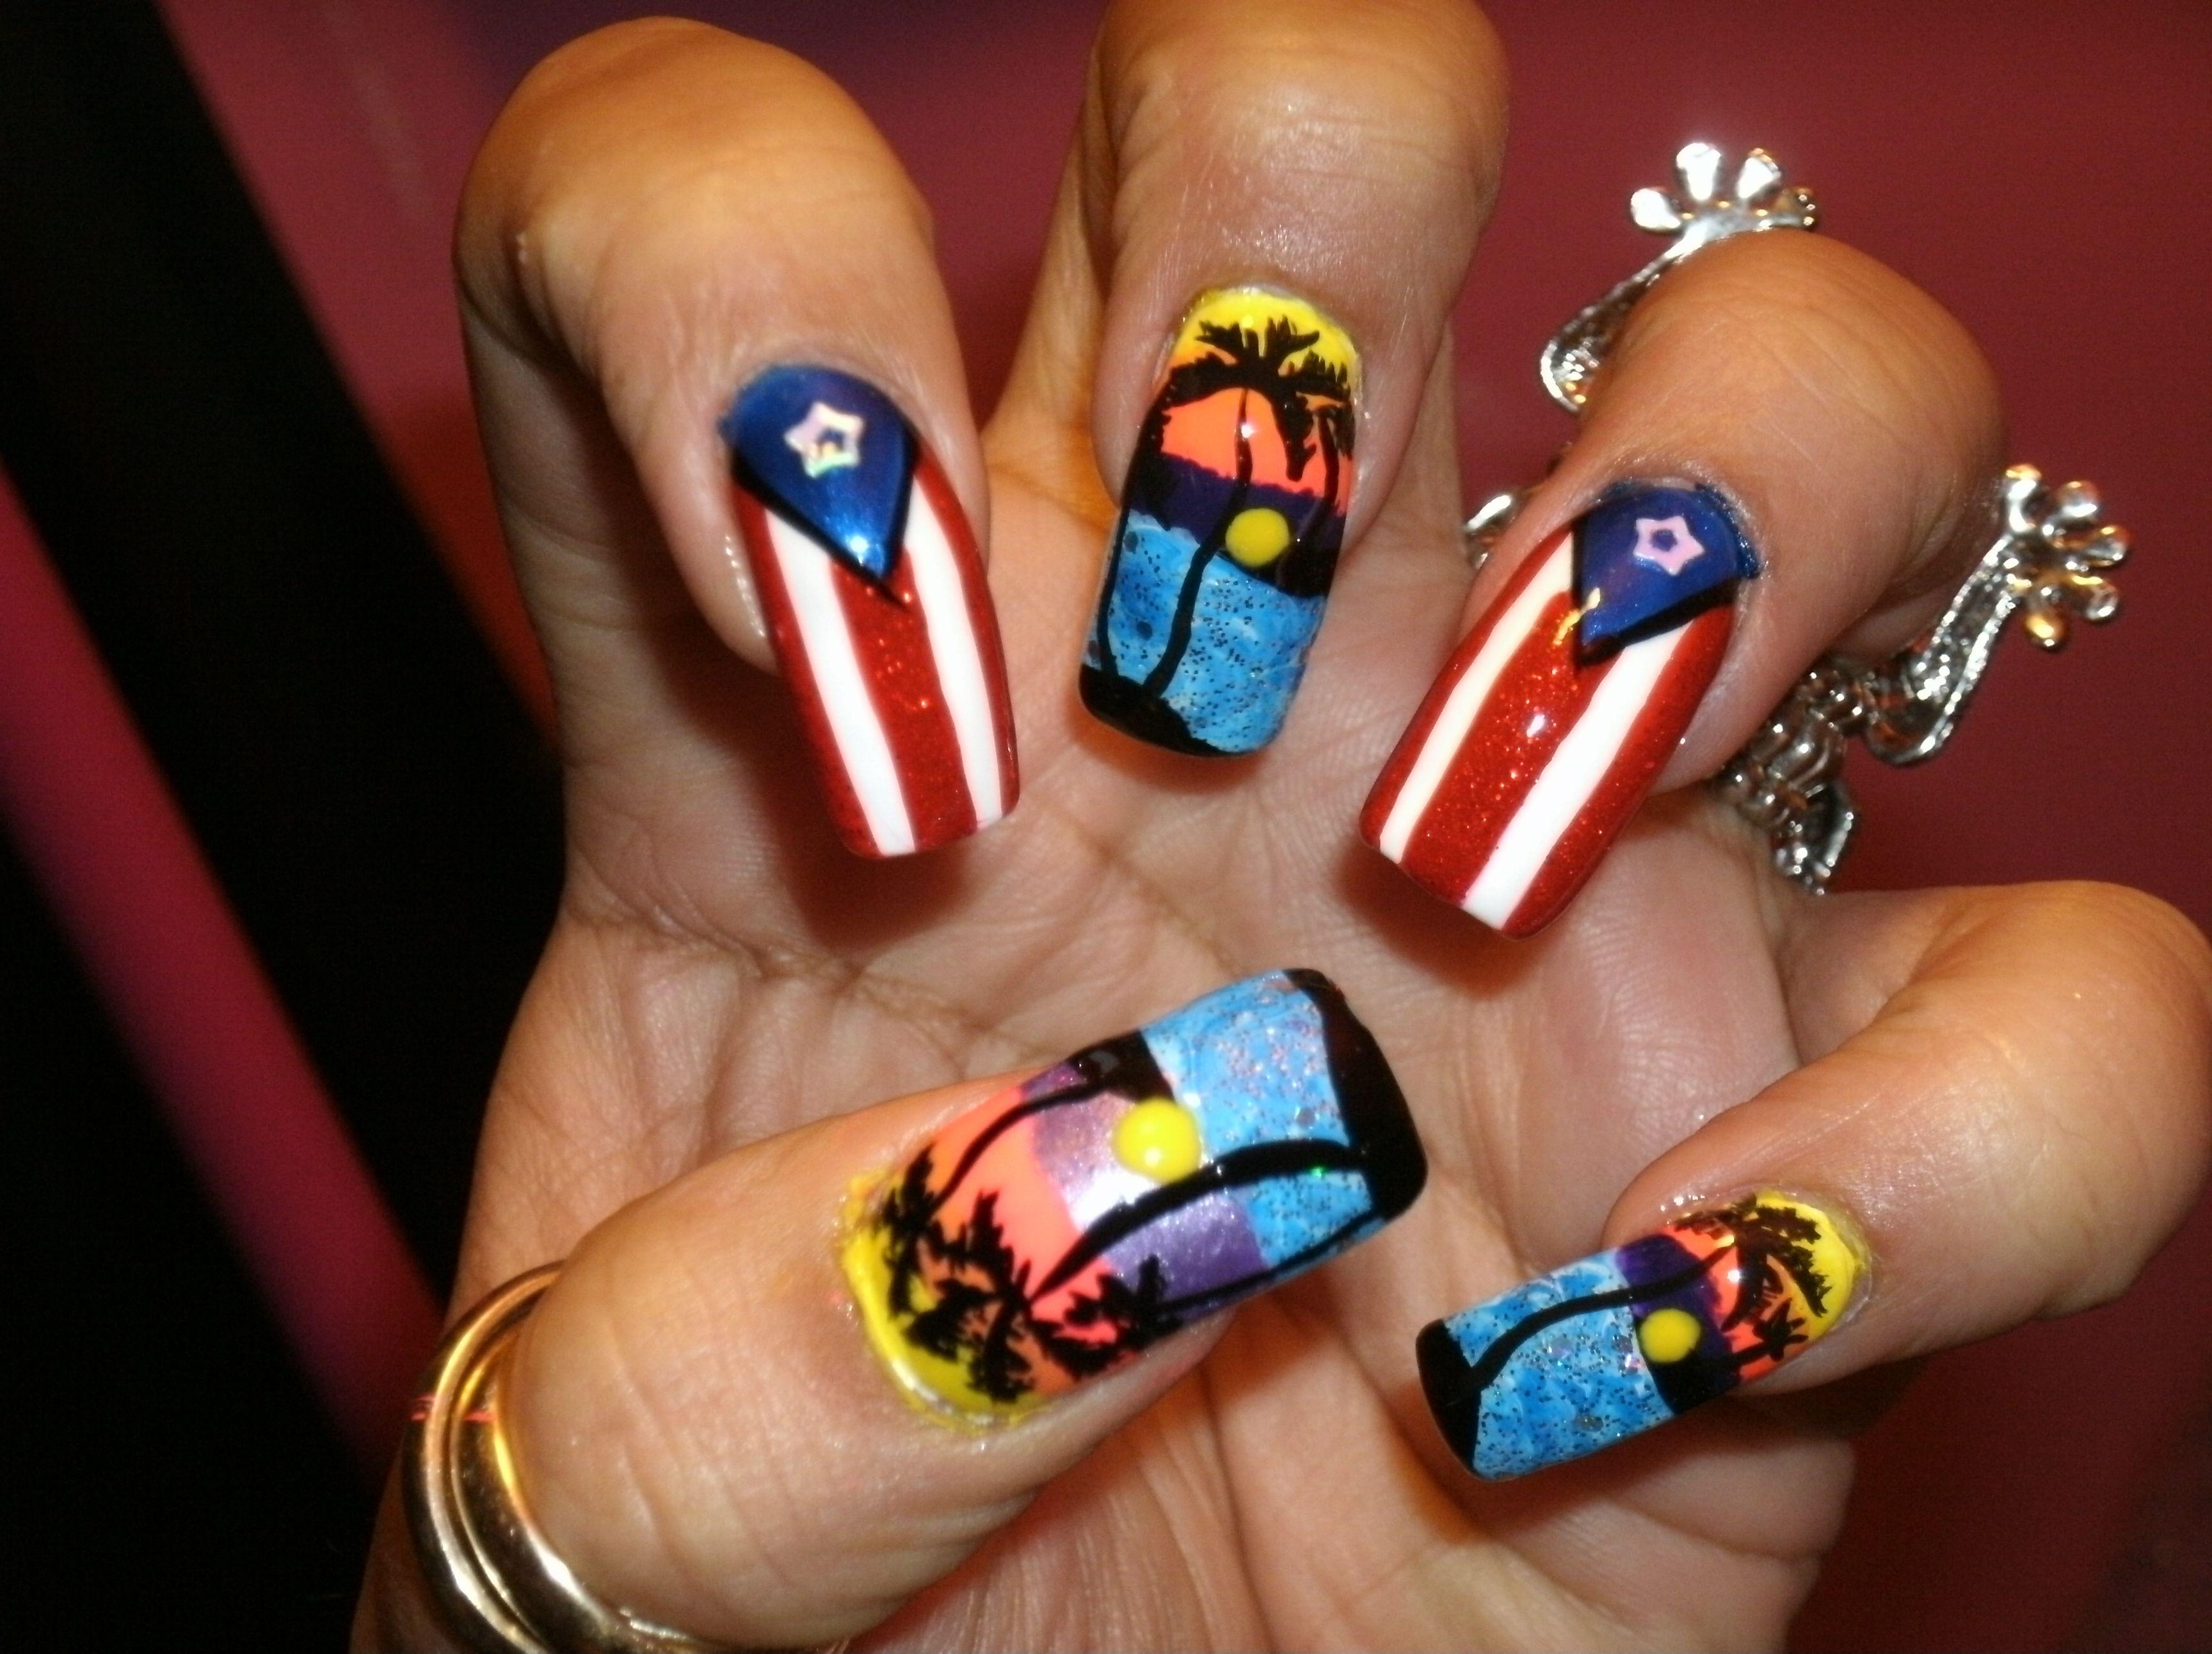 Boricua nail art design :)